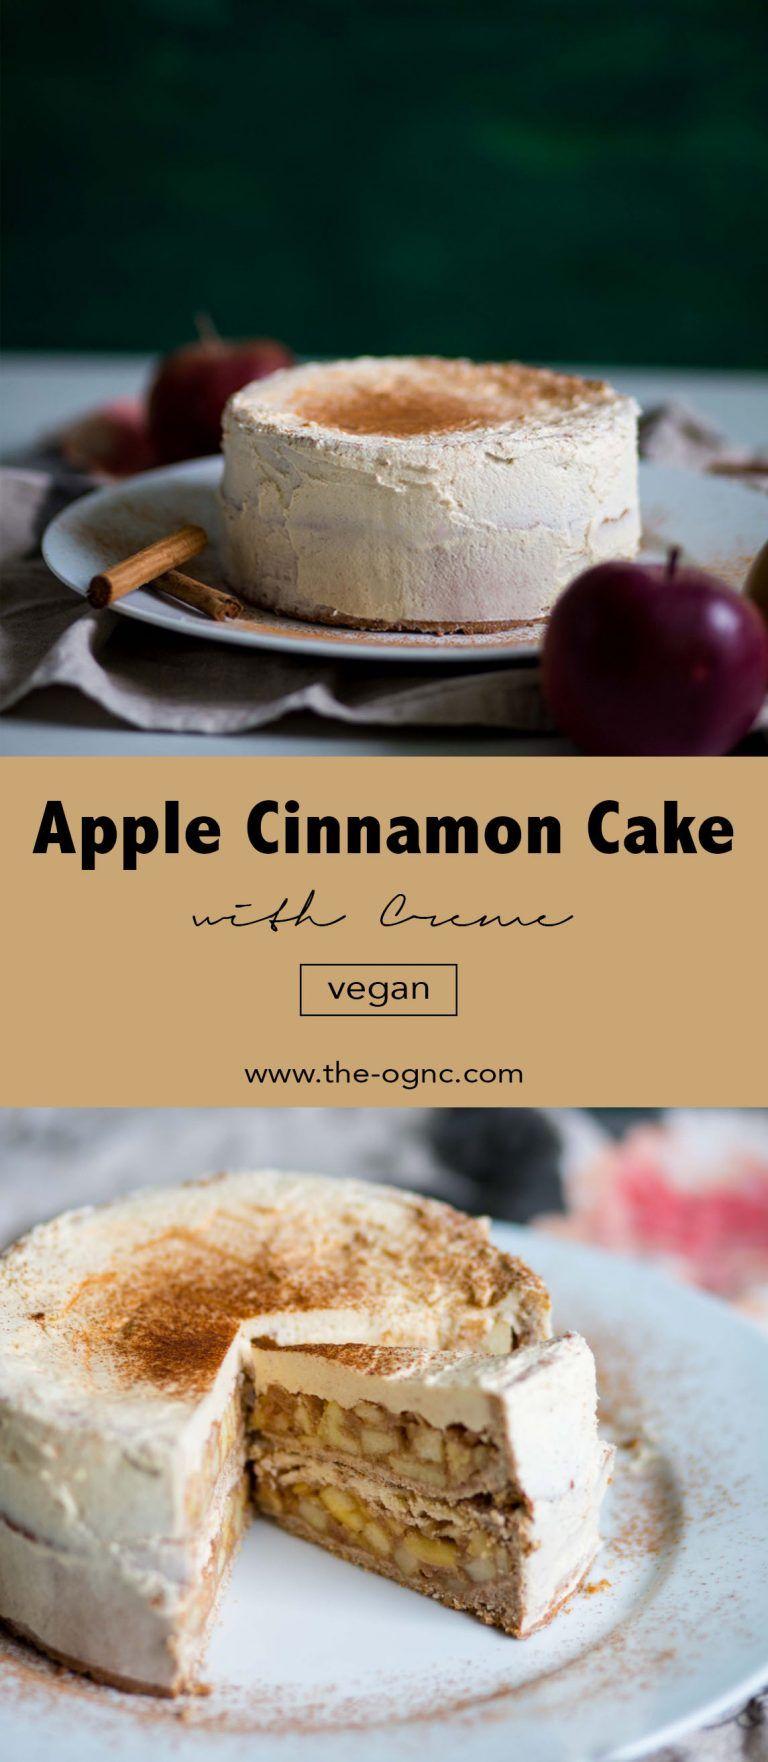 (Deutsch) Vegan Apple Cinnamon Cake with Cream - einfach und lecker